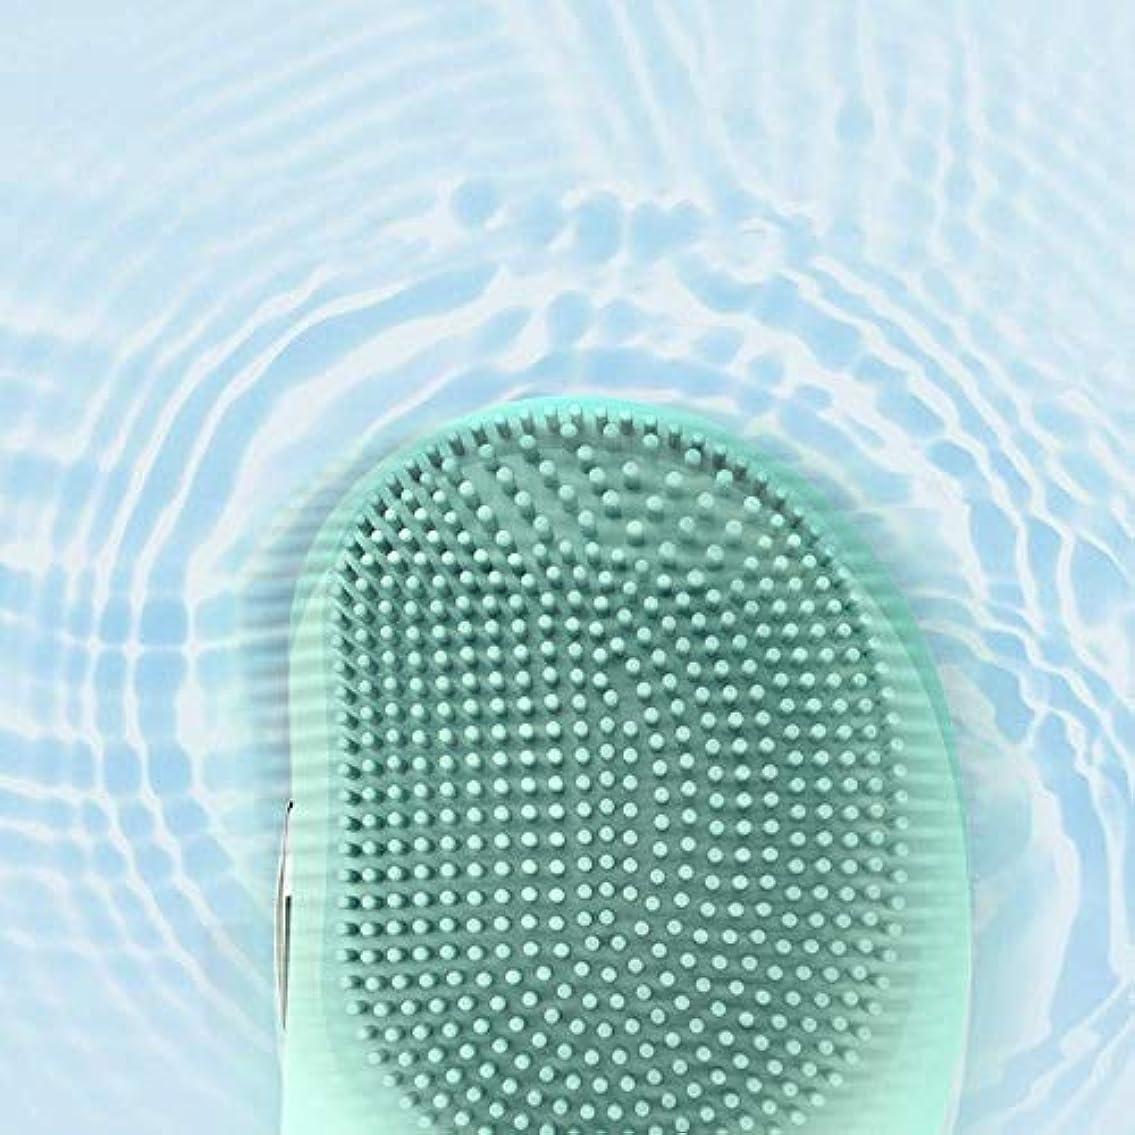 危険難民良いLYX 新エレクトリック防水シリコーンクレンジングブラシ、超音波振動ポータブルクレンジング器、マッサージ器、美容機器、家庭用クリーナーデトックスクリーニングブラシ (Color : 青)